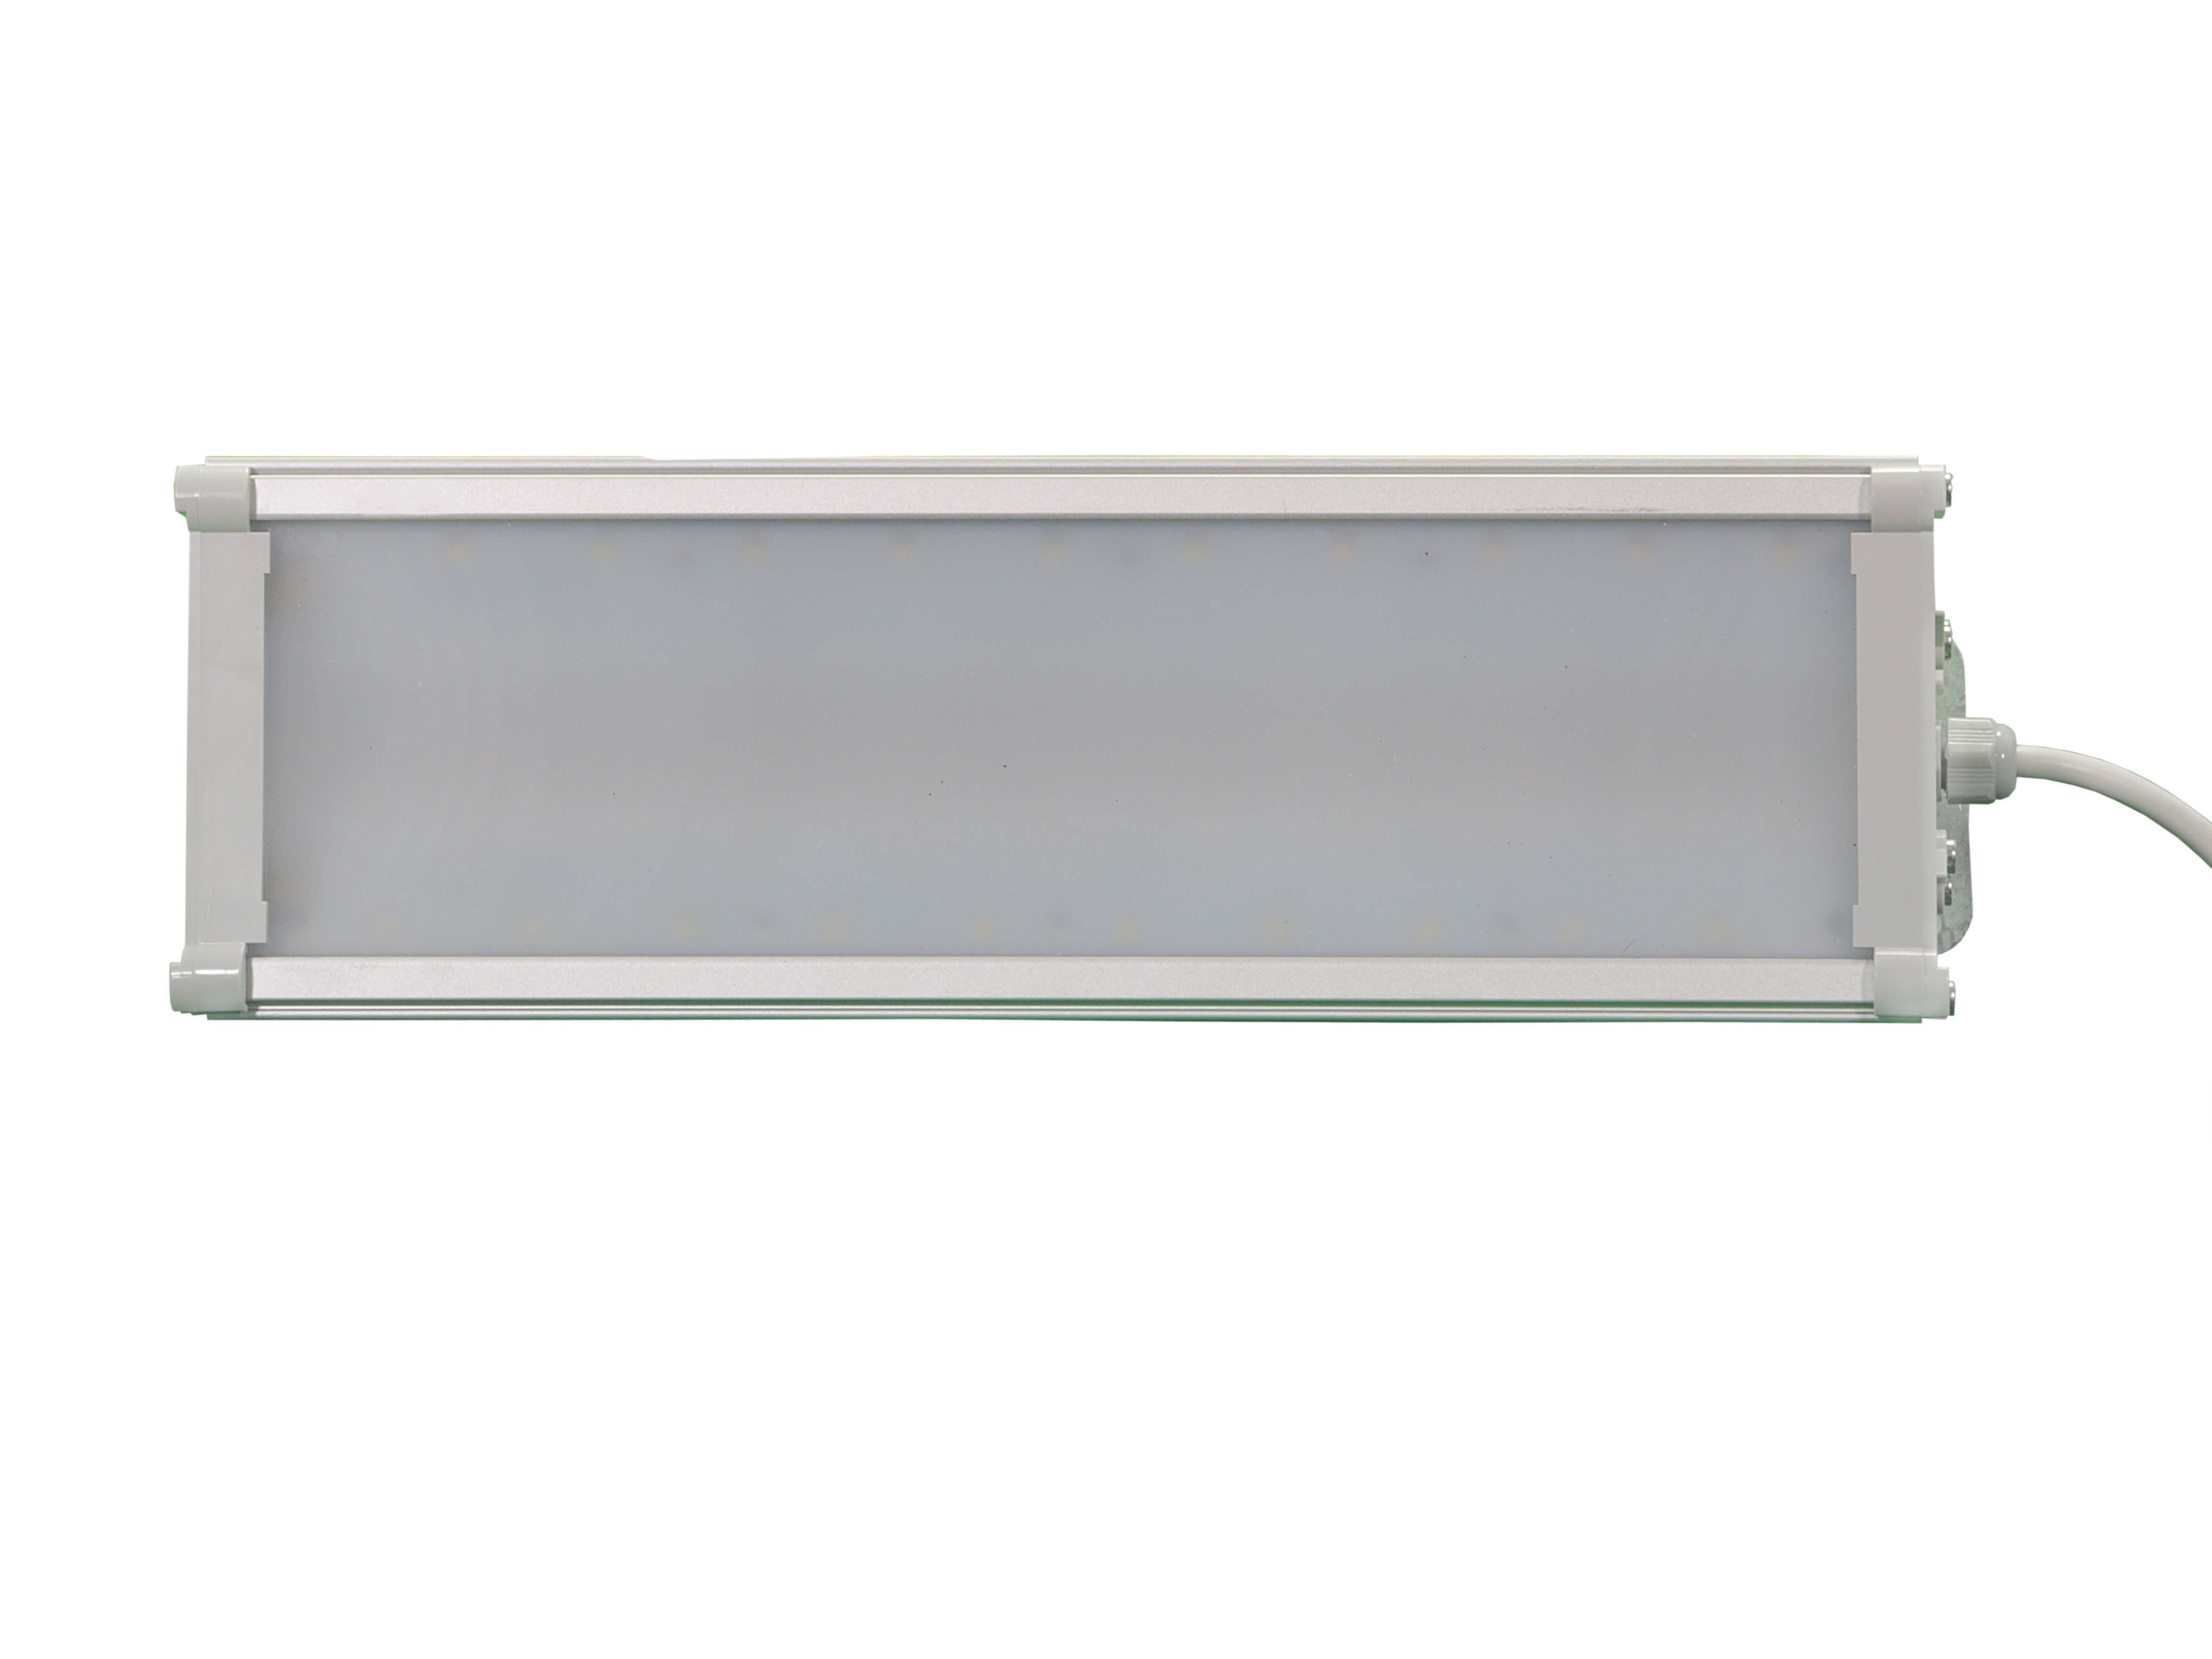 Промышленный светодиодный светильник ДСП Стандарт-40 40Вт 4610Лм